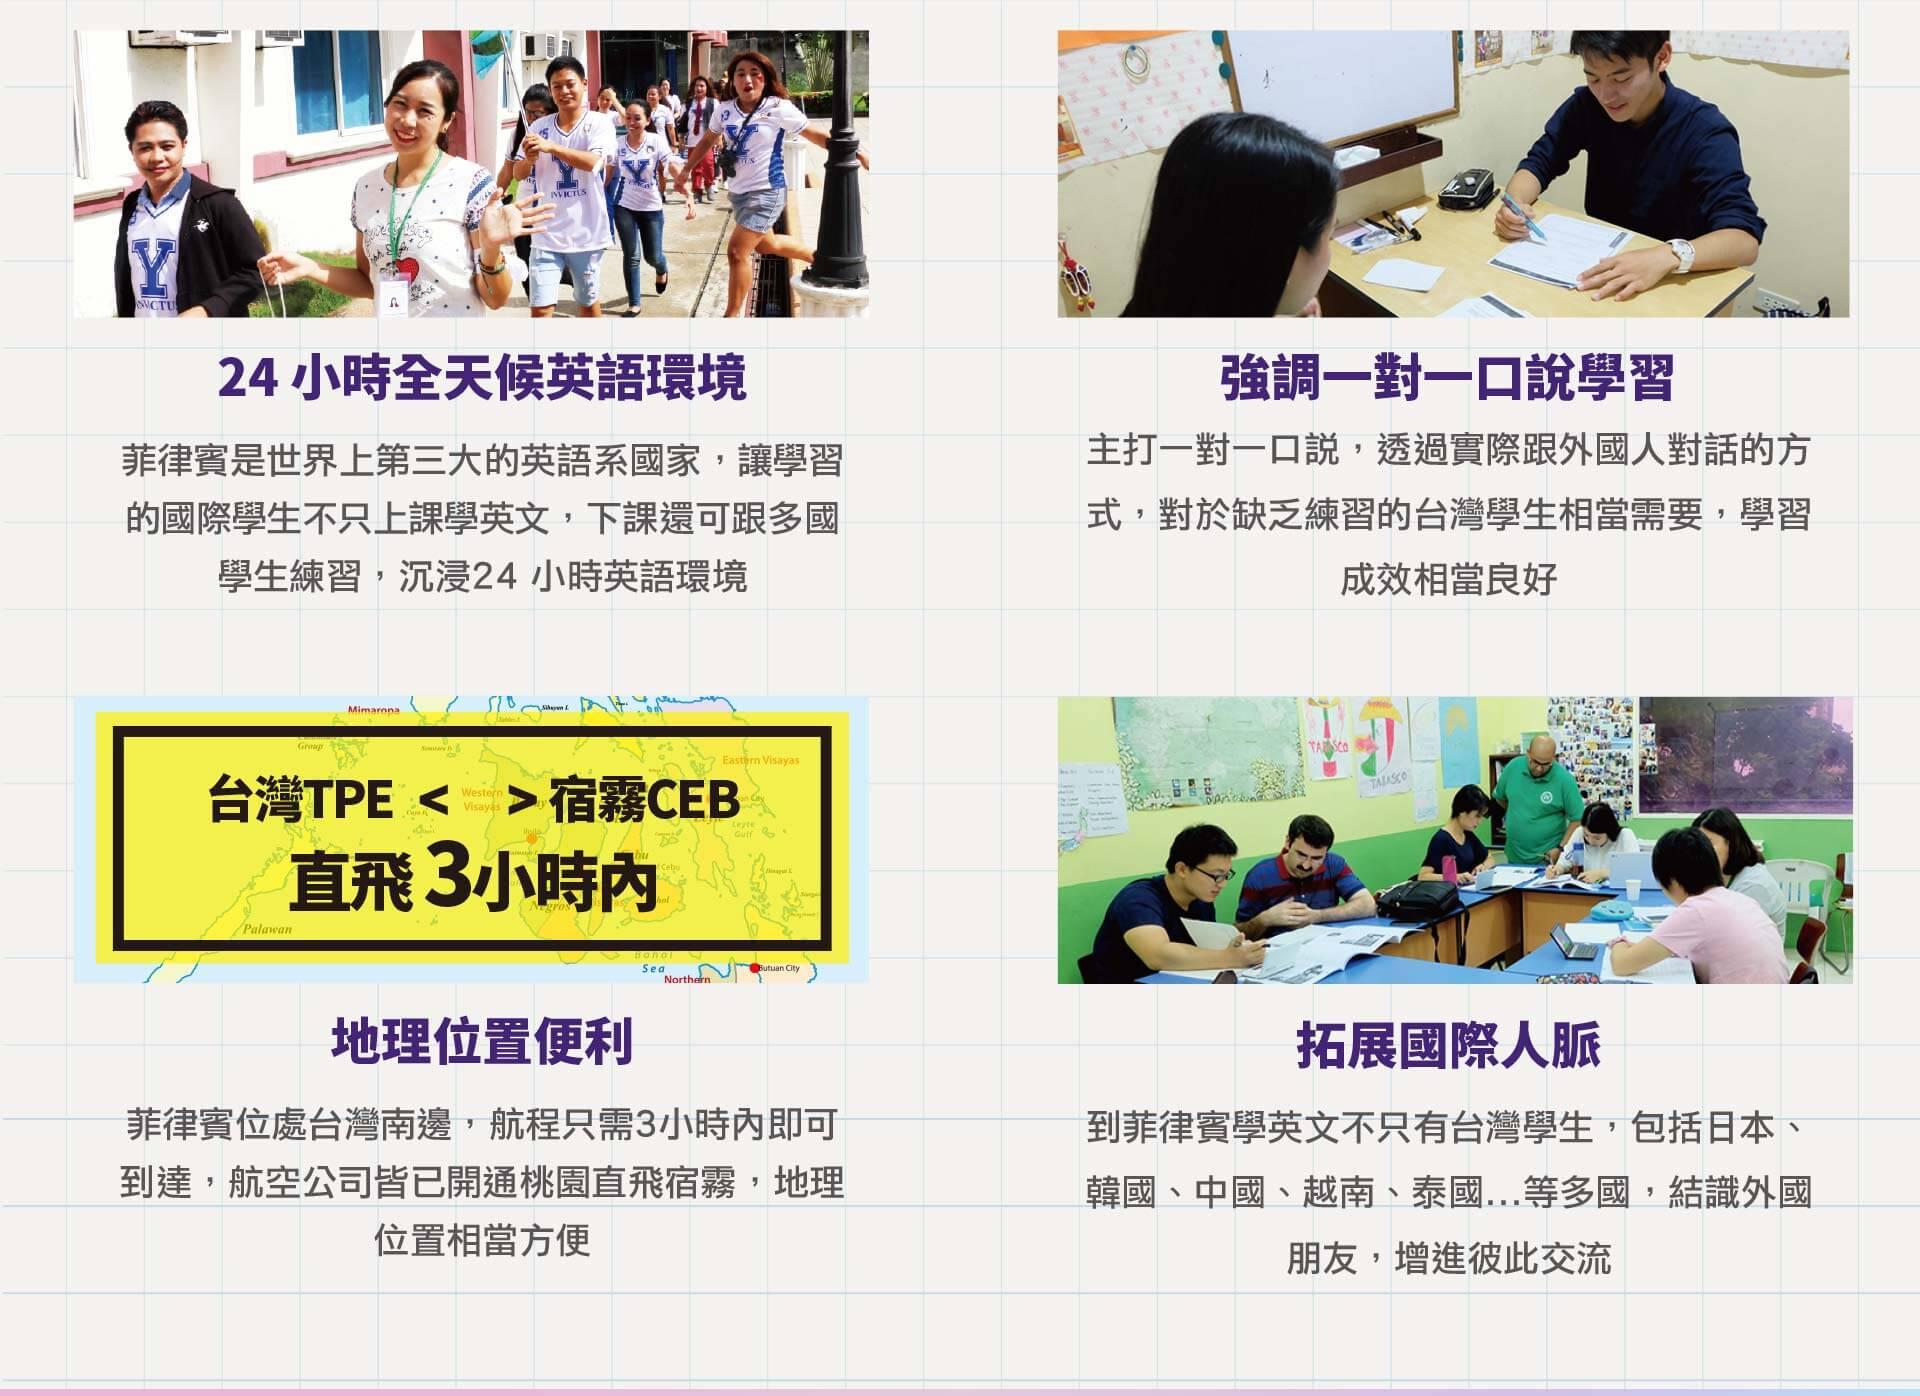 菲律賓遊學英語多益,雅思,托福,英文證照考試